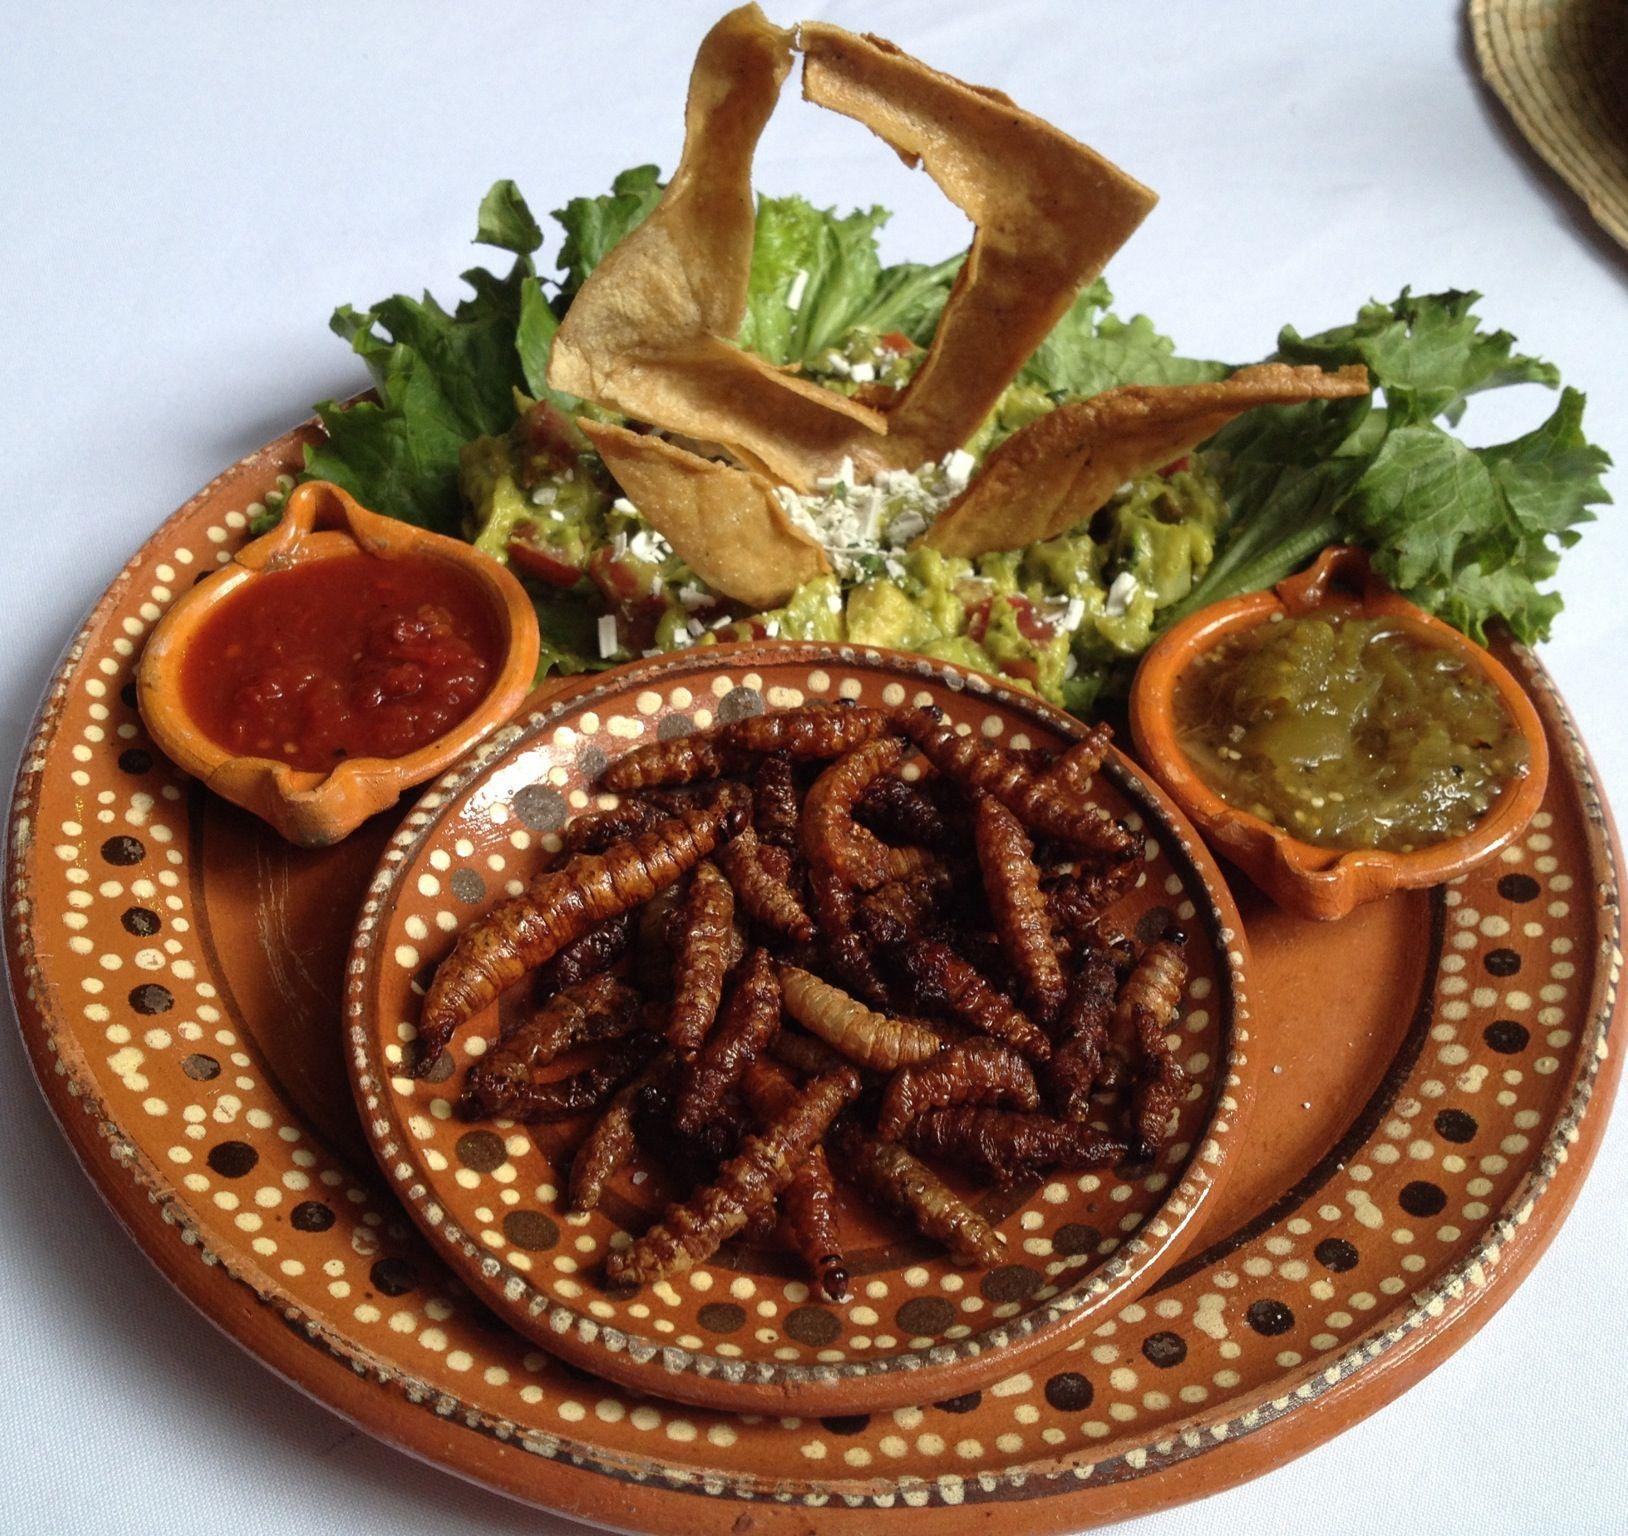 Comida típica de Hidalgo: gusanos de maguey.